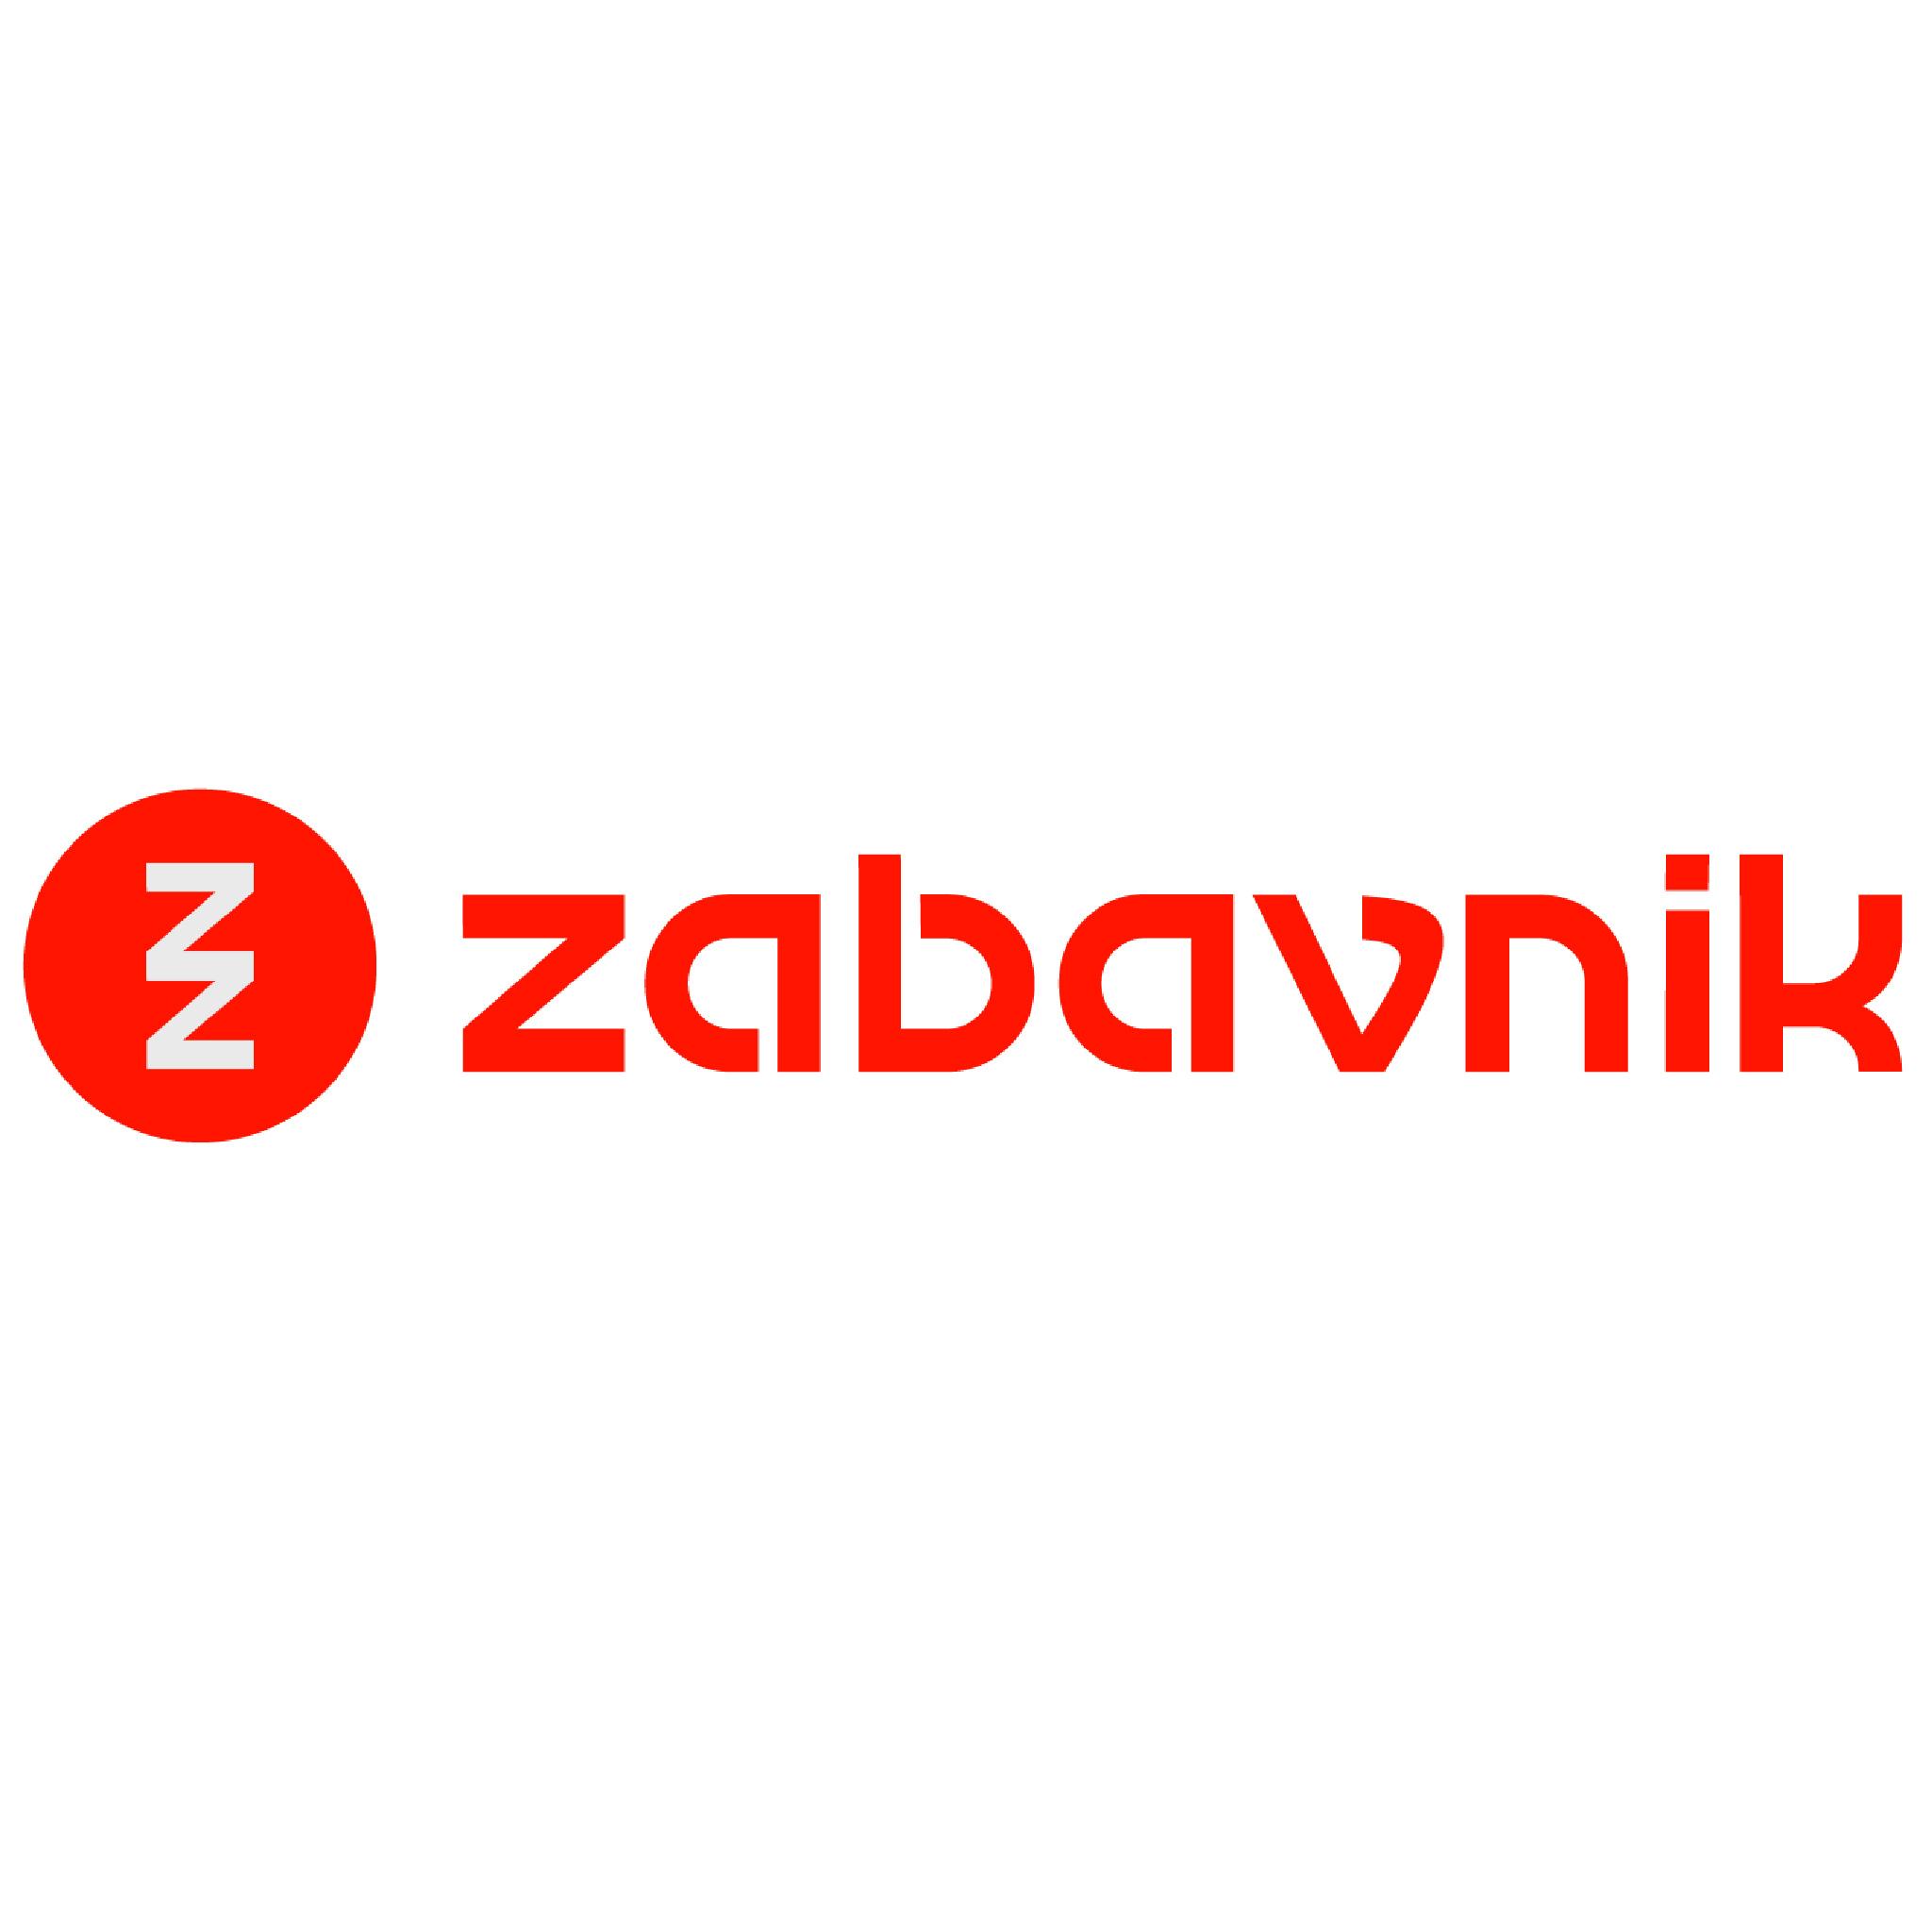 Zabavnik Logo